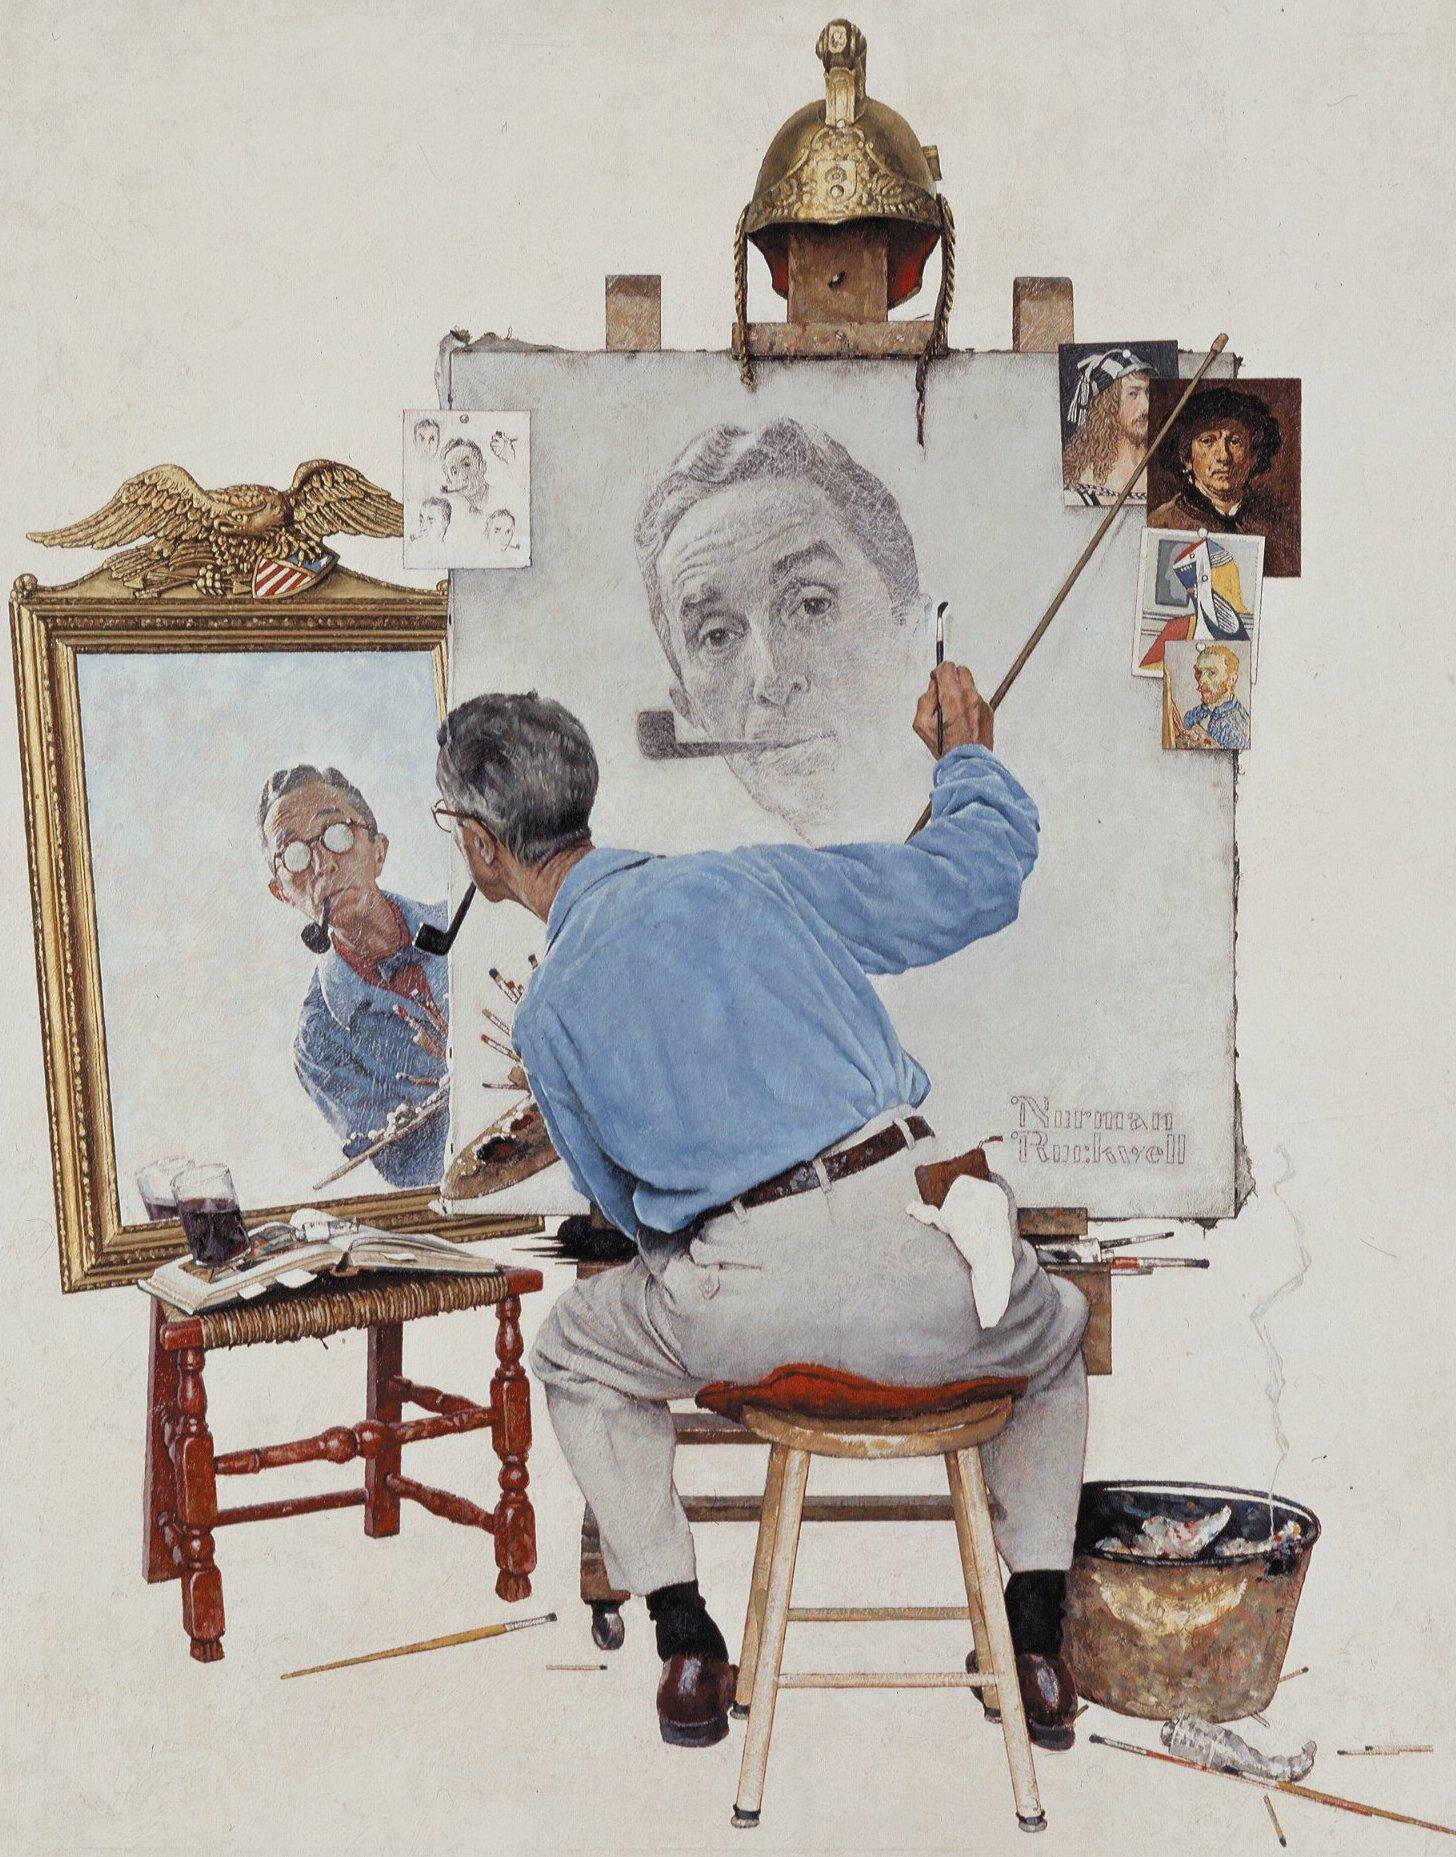 Il pittore della gente tommaso pincio post - Nostro padre versione moderna ...